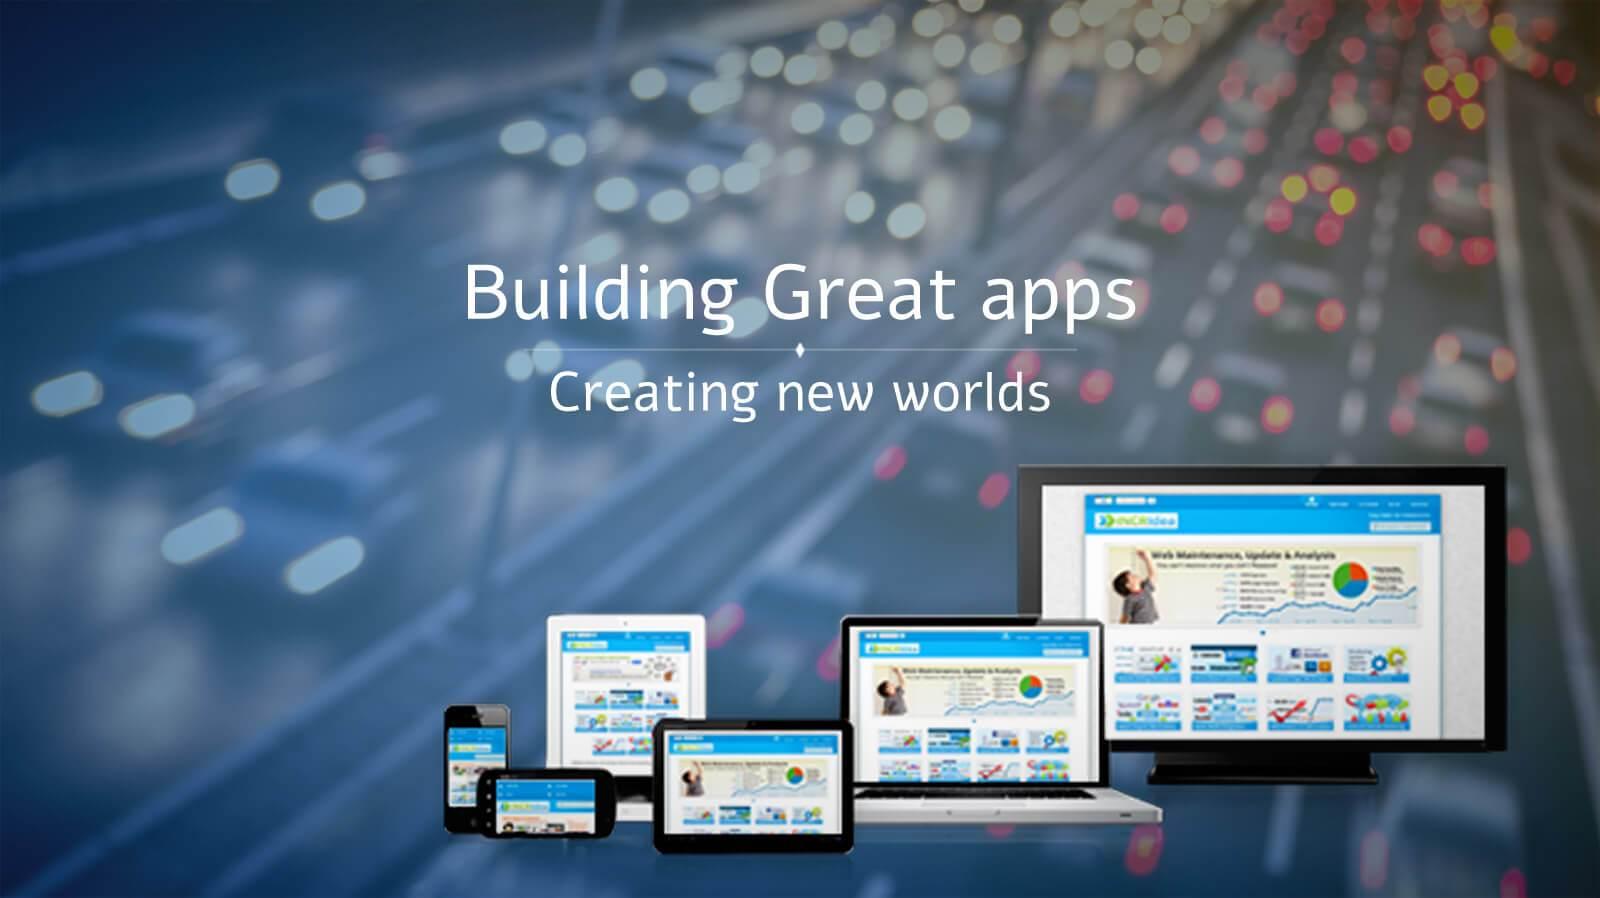 מדריך שיווק אפליקציות מובייל